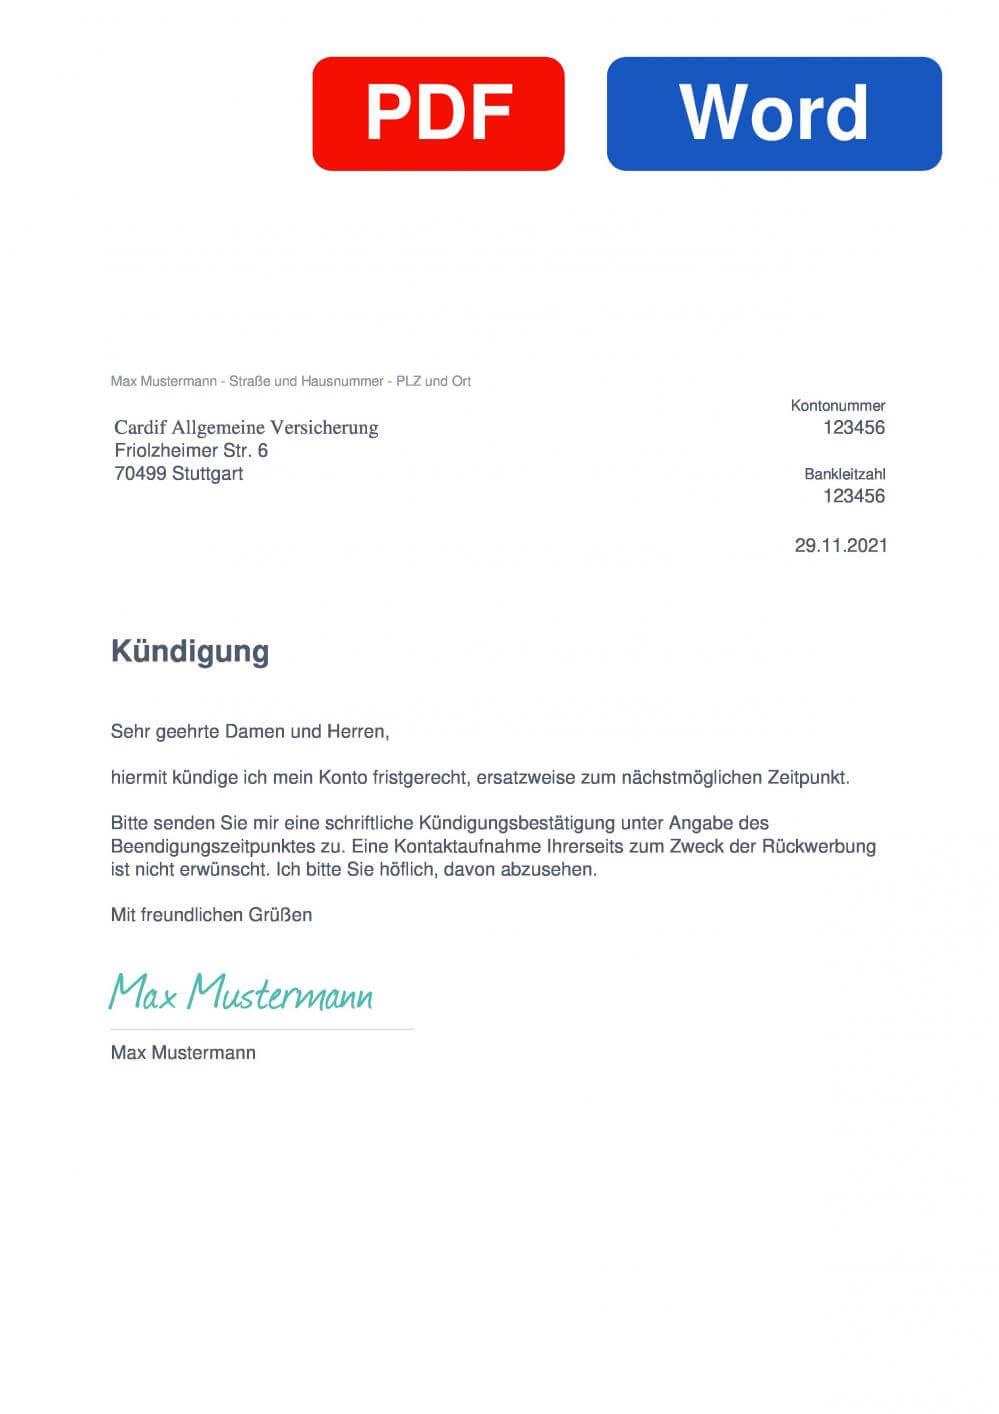 BNP Paribas Cardif Muster Vorlage für Kündigungsschreiben